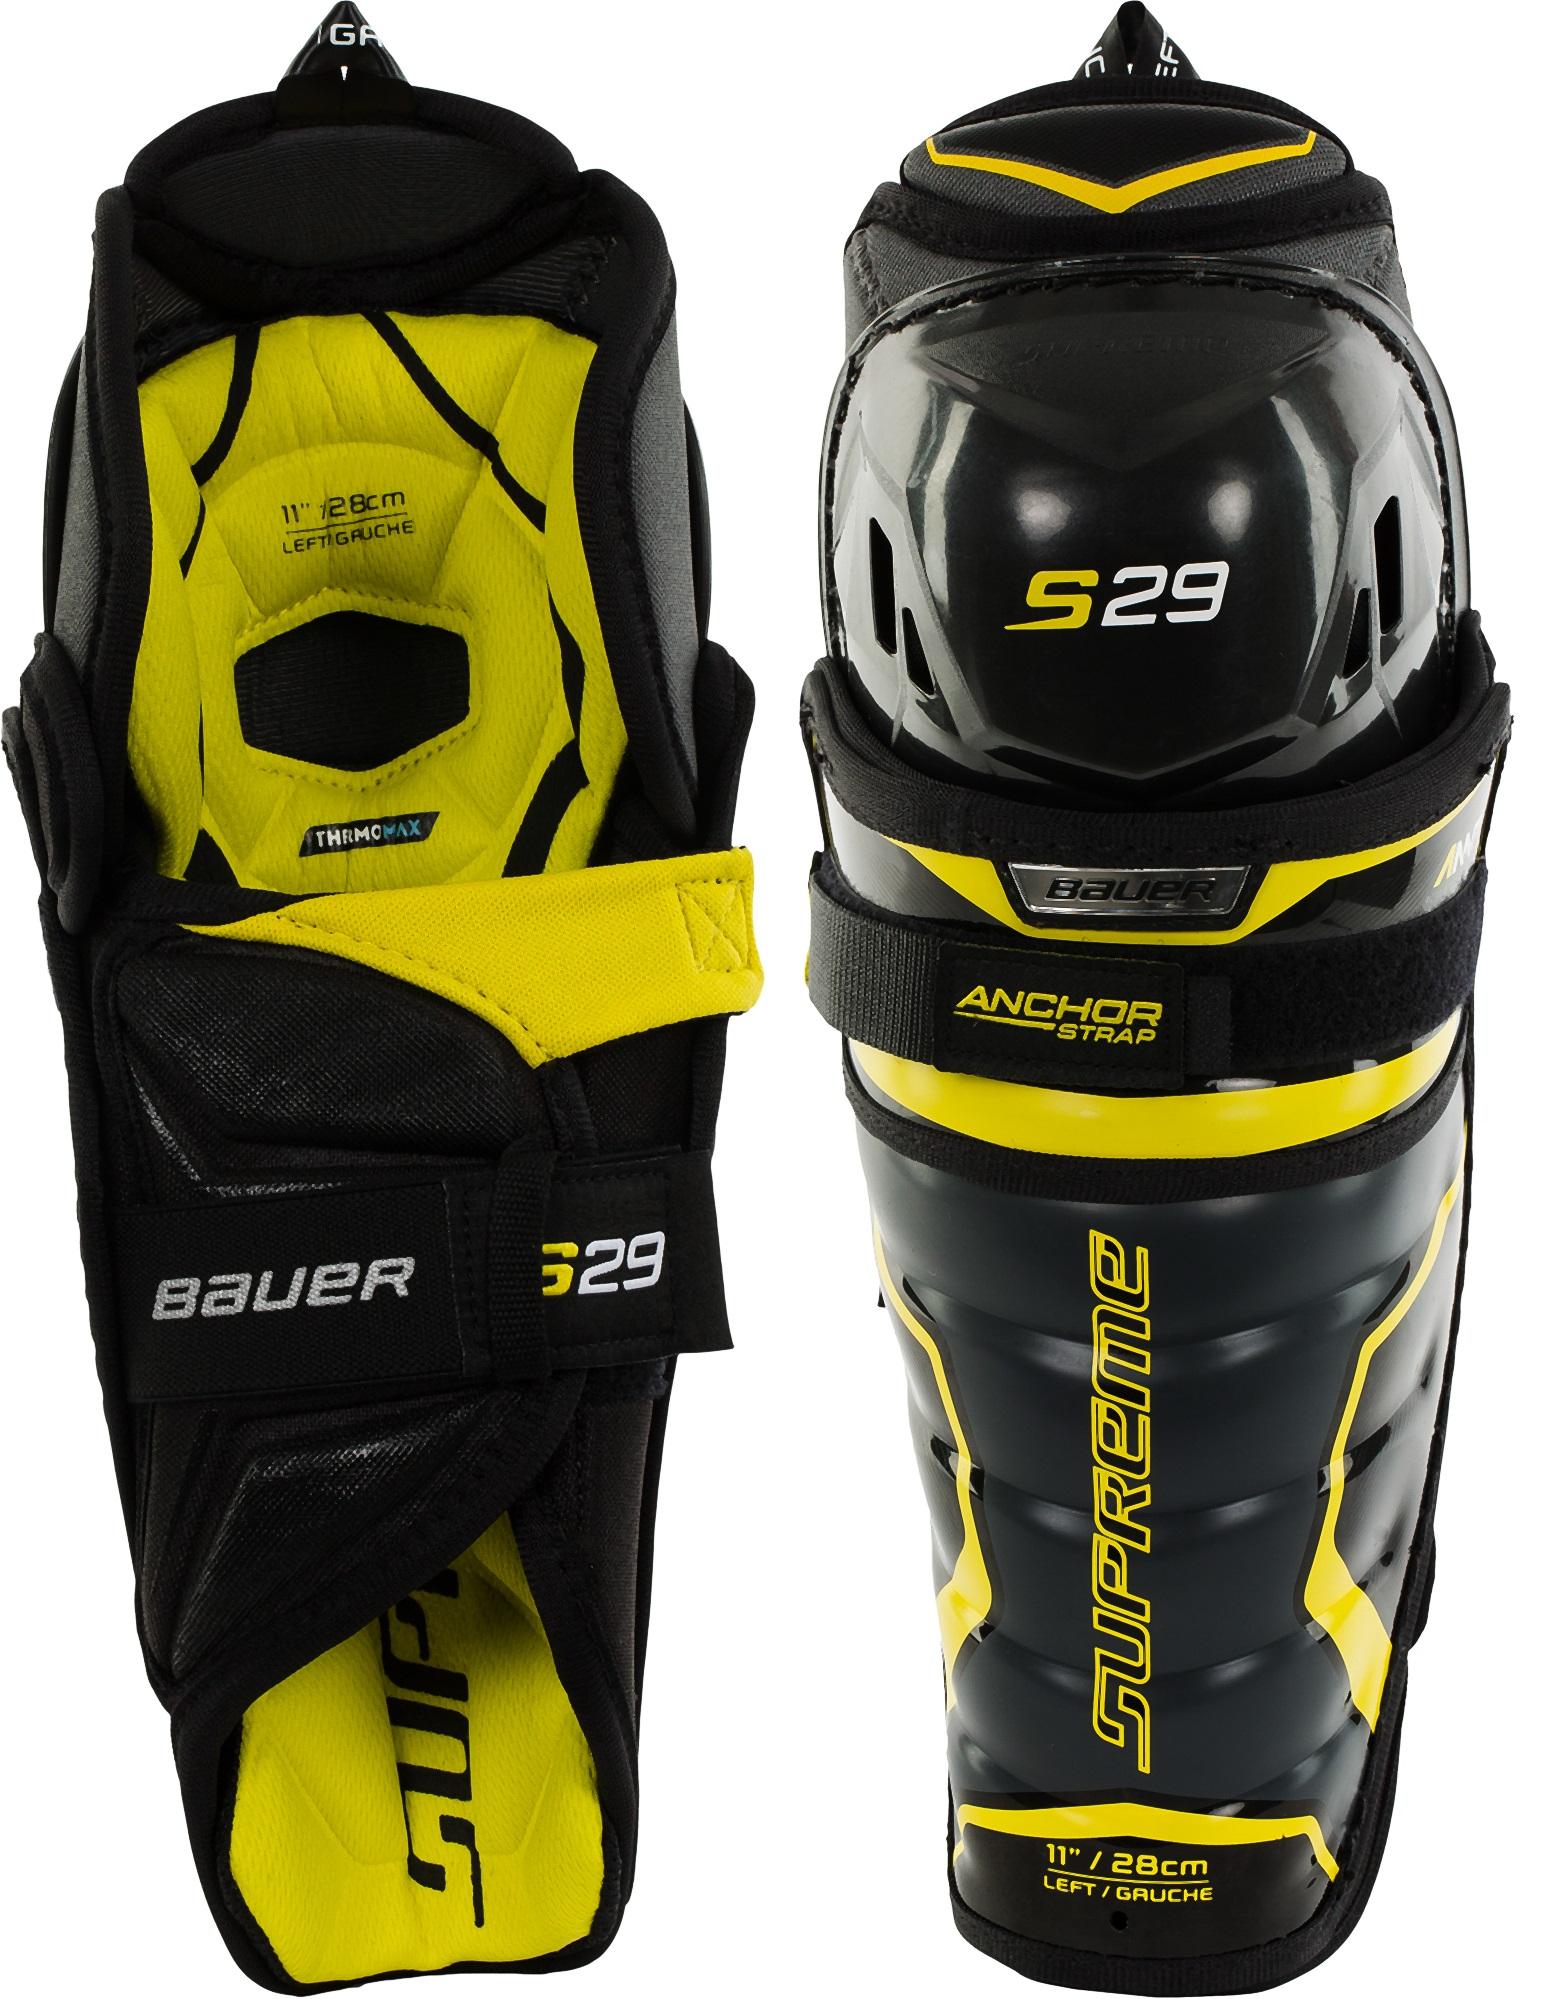 Bauer Щитки хоккейные подростковые Supreme S29